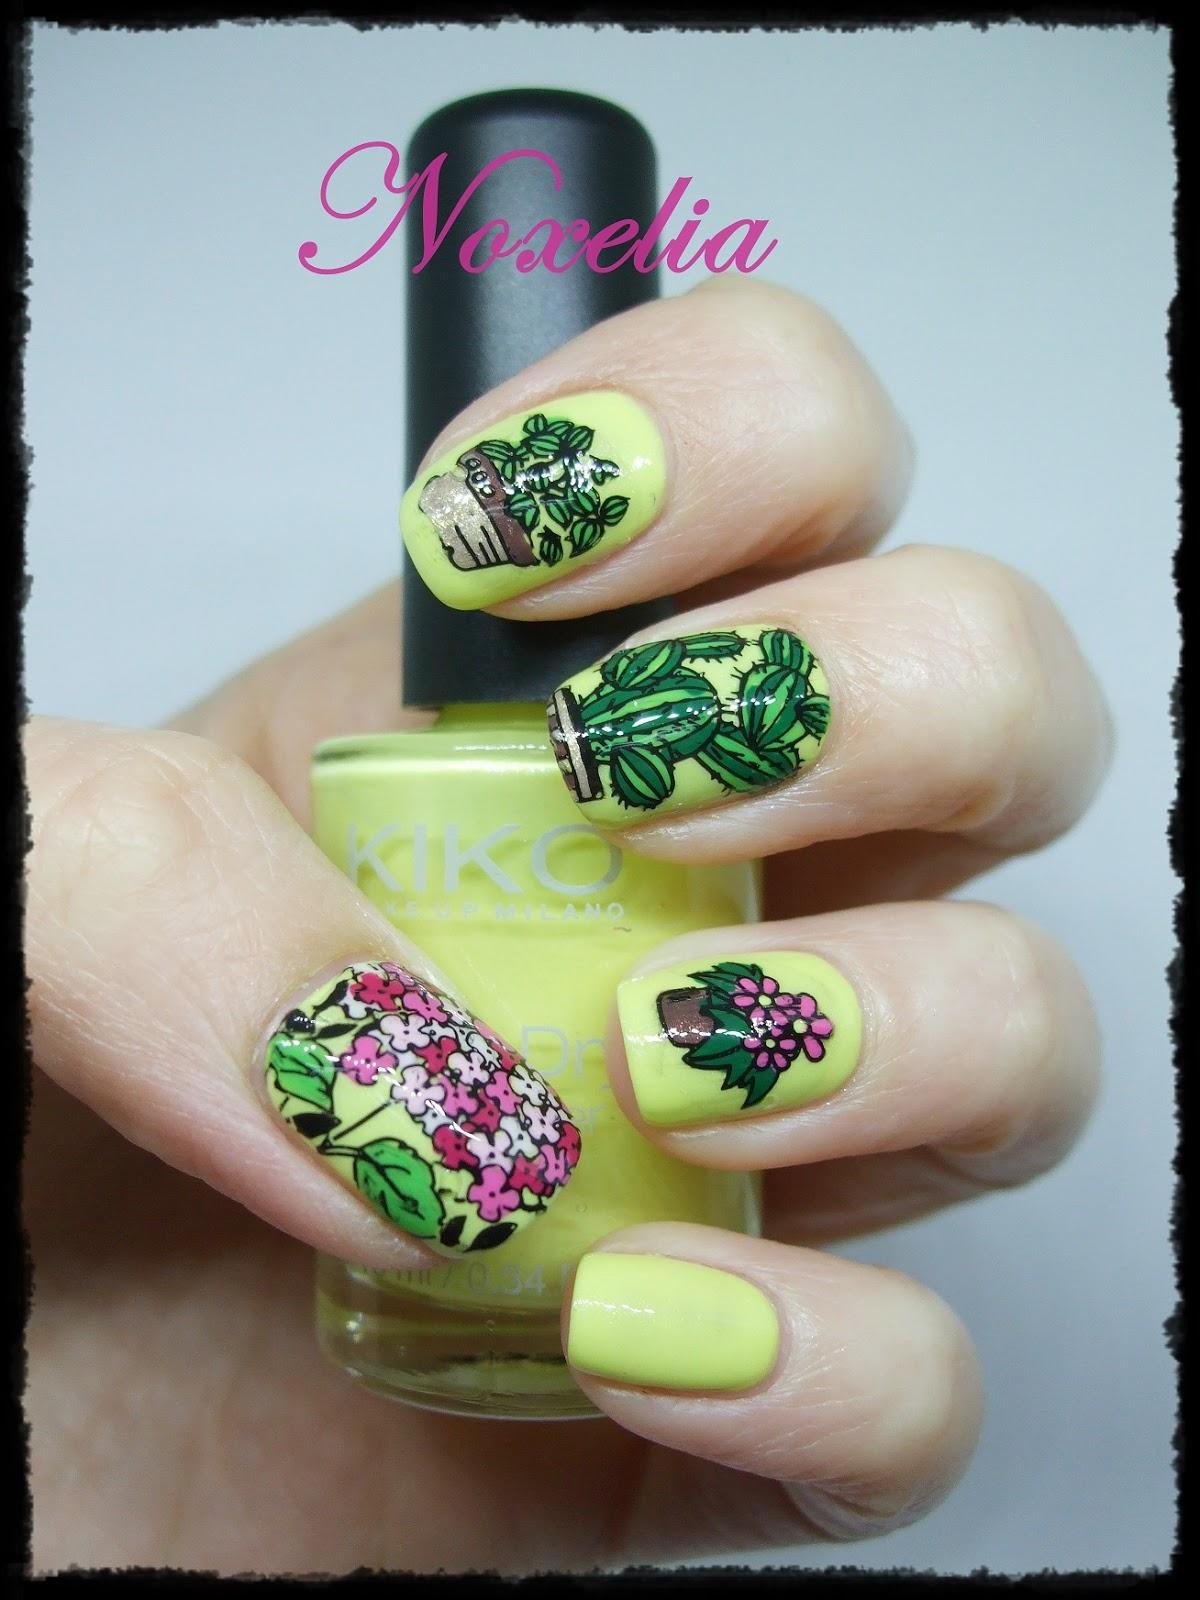 Noxelia: Stamping nail art: Colaboración con Harunouta VI. Look de ...